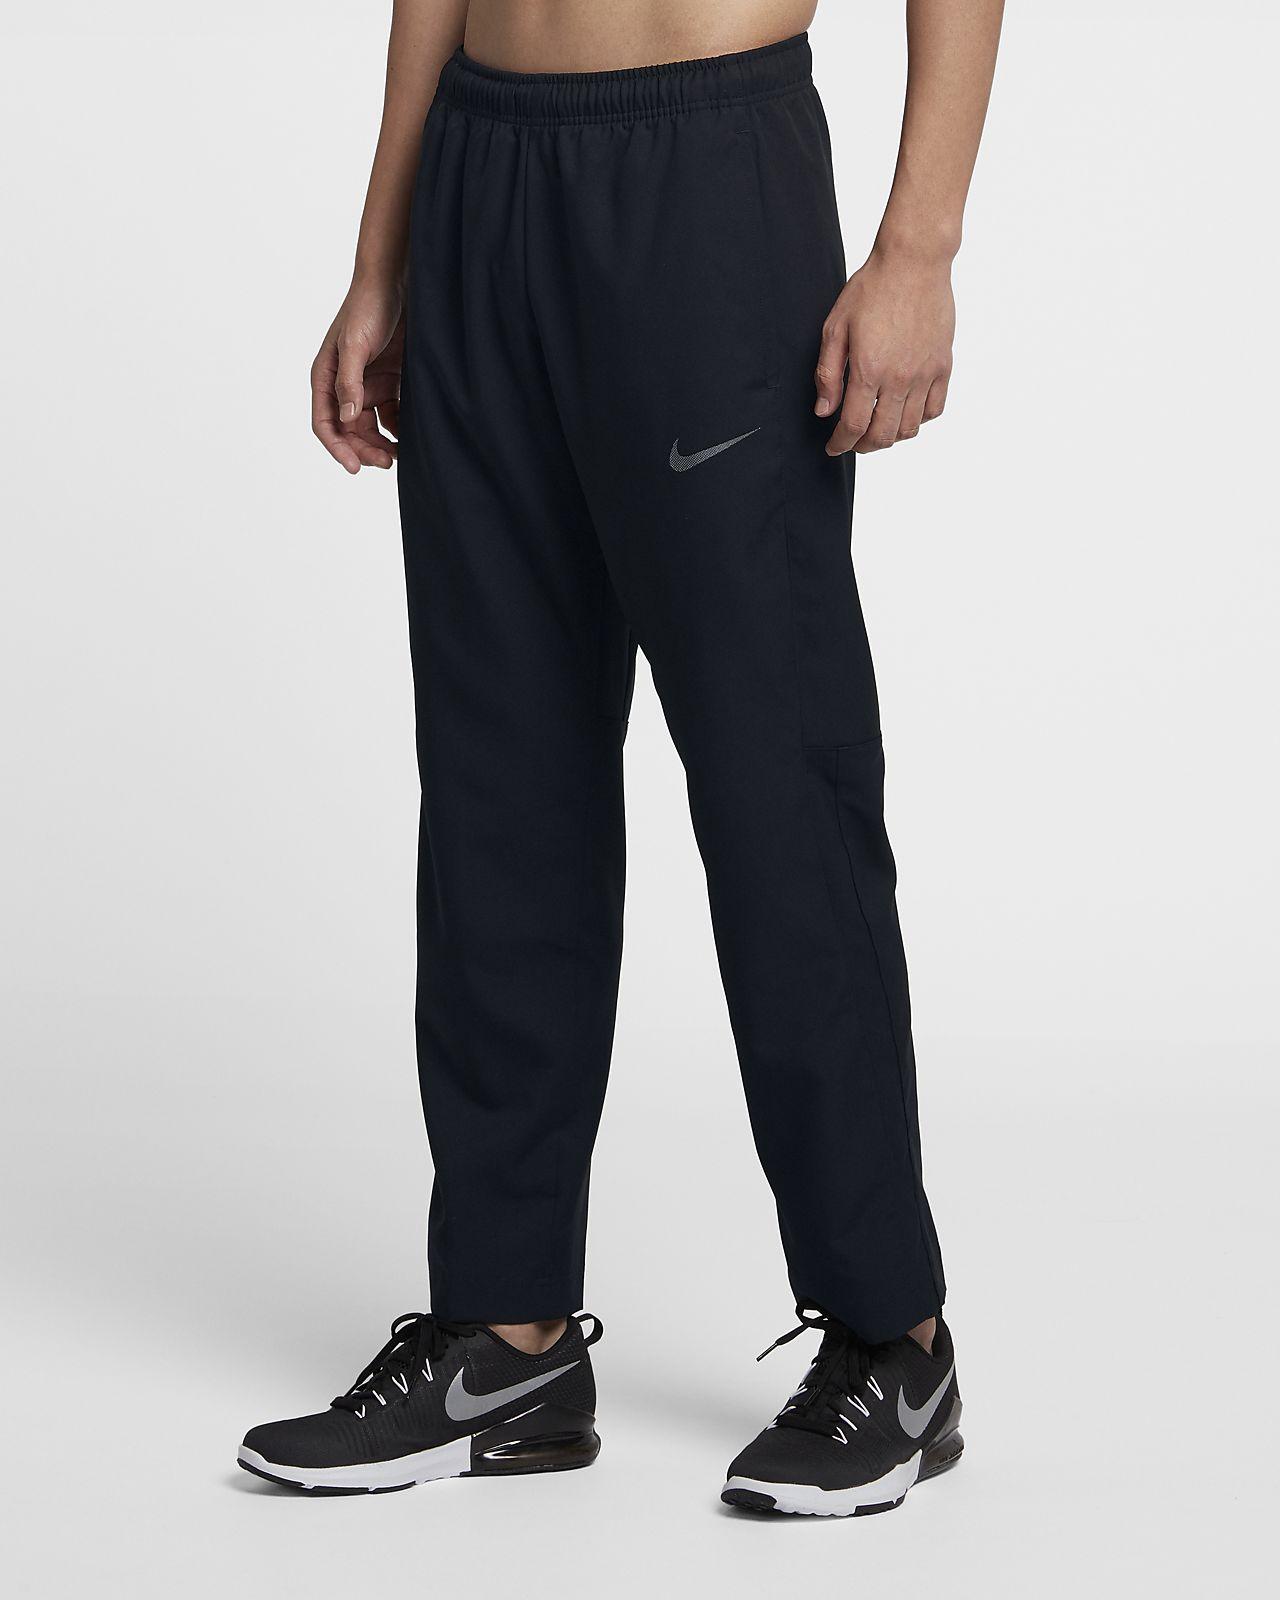 Nike Dri-FIT 男子梭织训练长裤